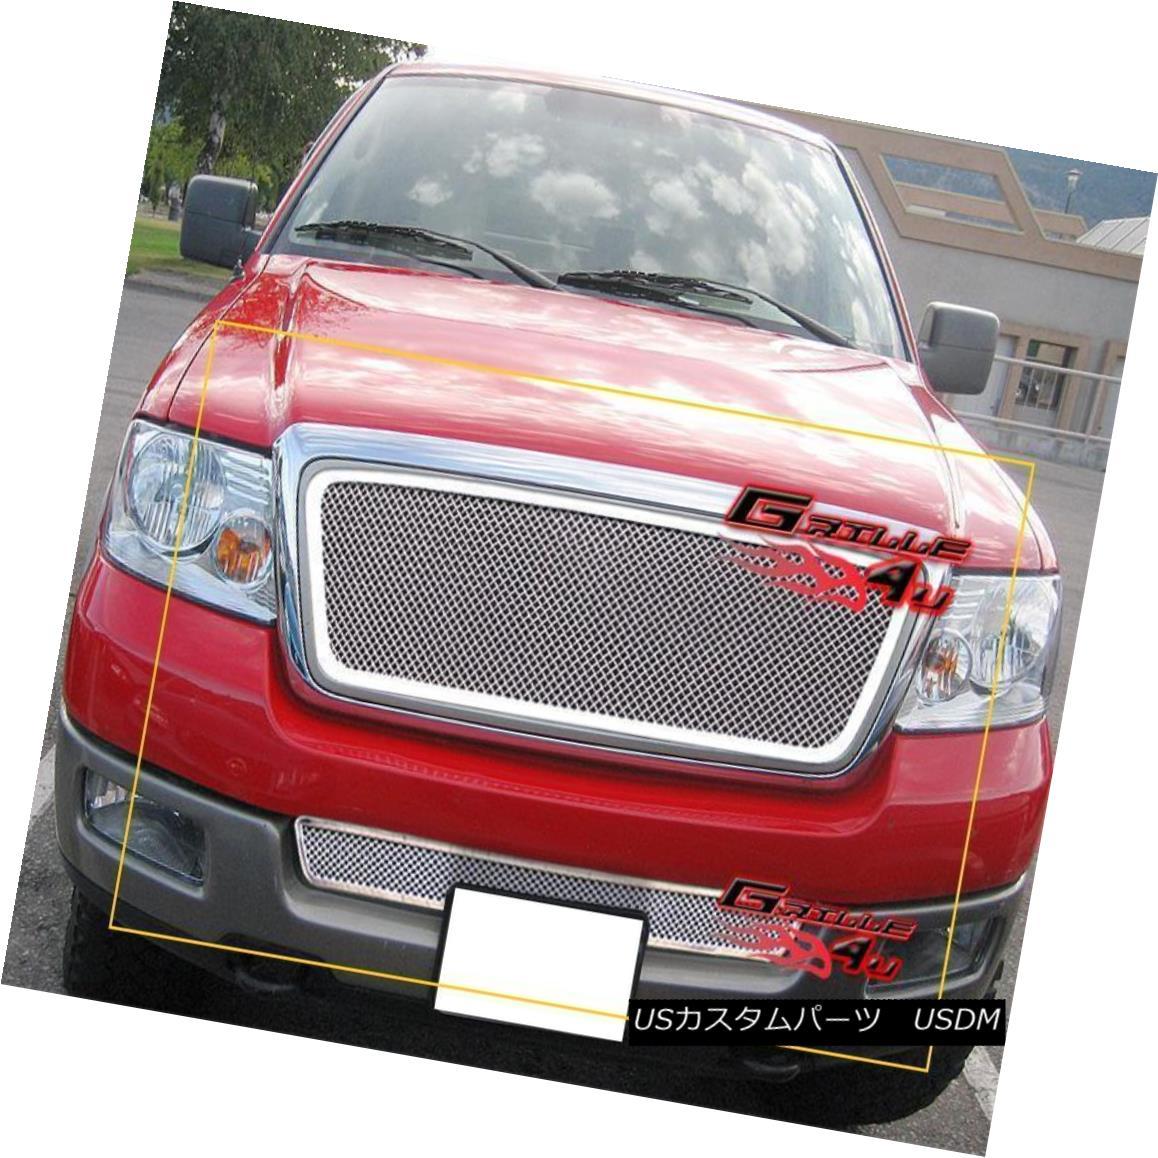 グリル Fits 2004-2005 Ford F-150 Honeycomb Style Stainless Steel Wire Mesh Grille Combo フィット2004-2005フォードF - 150ハニカムスタイルステンレス鋼ワイヤーメッシュグリルコンボ